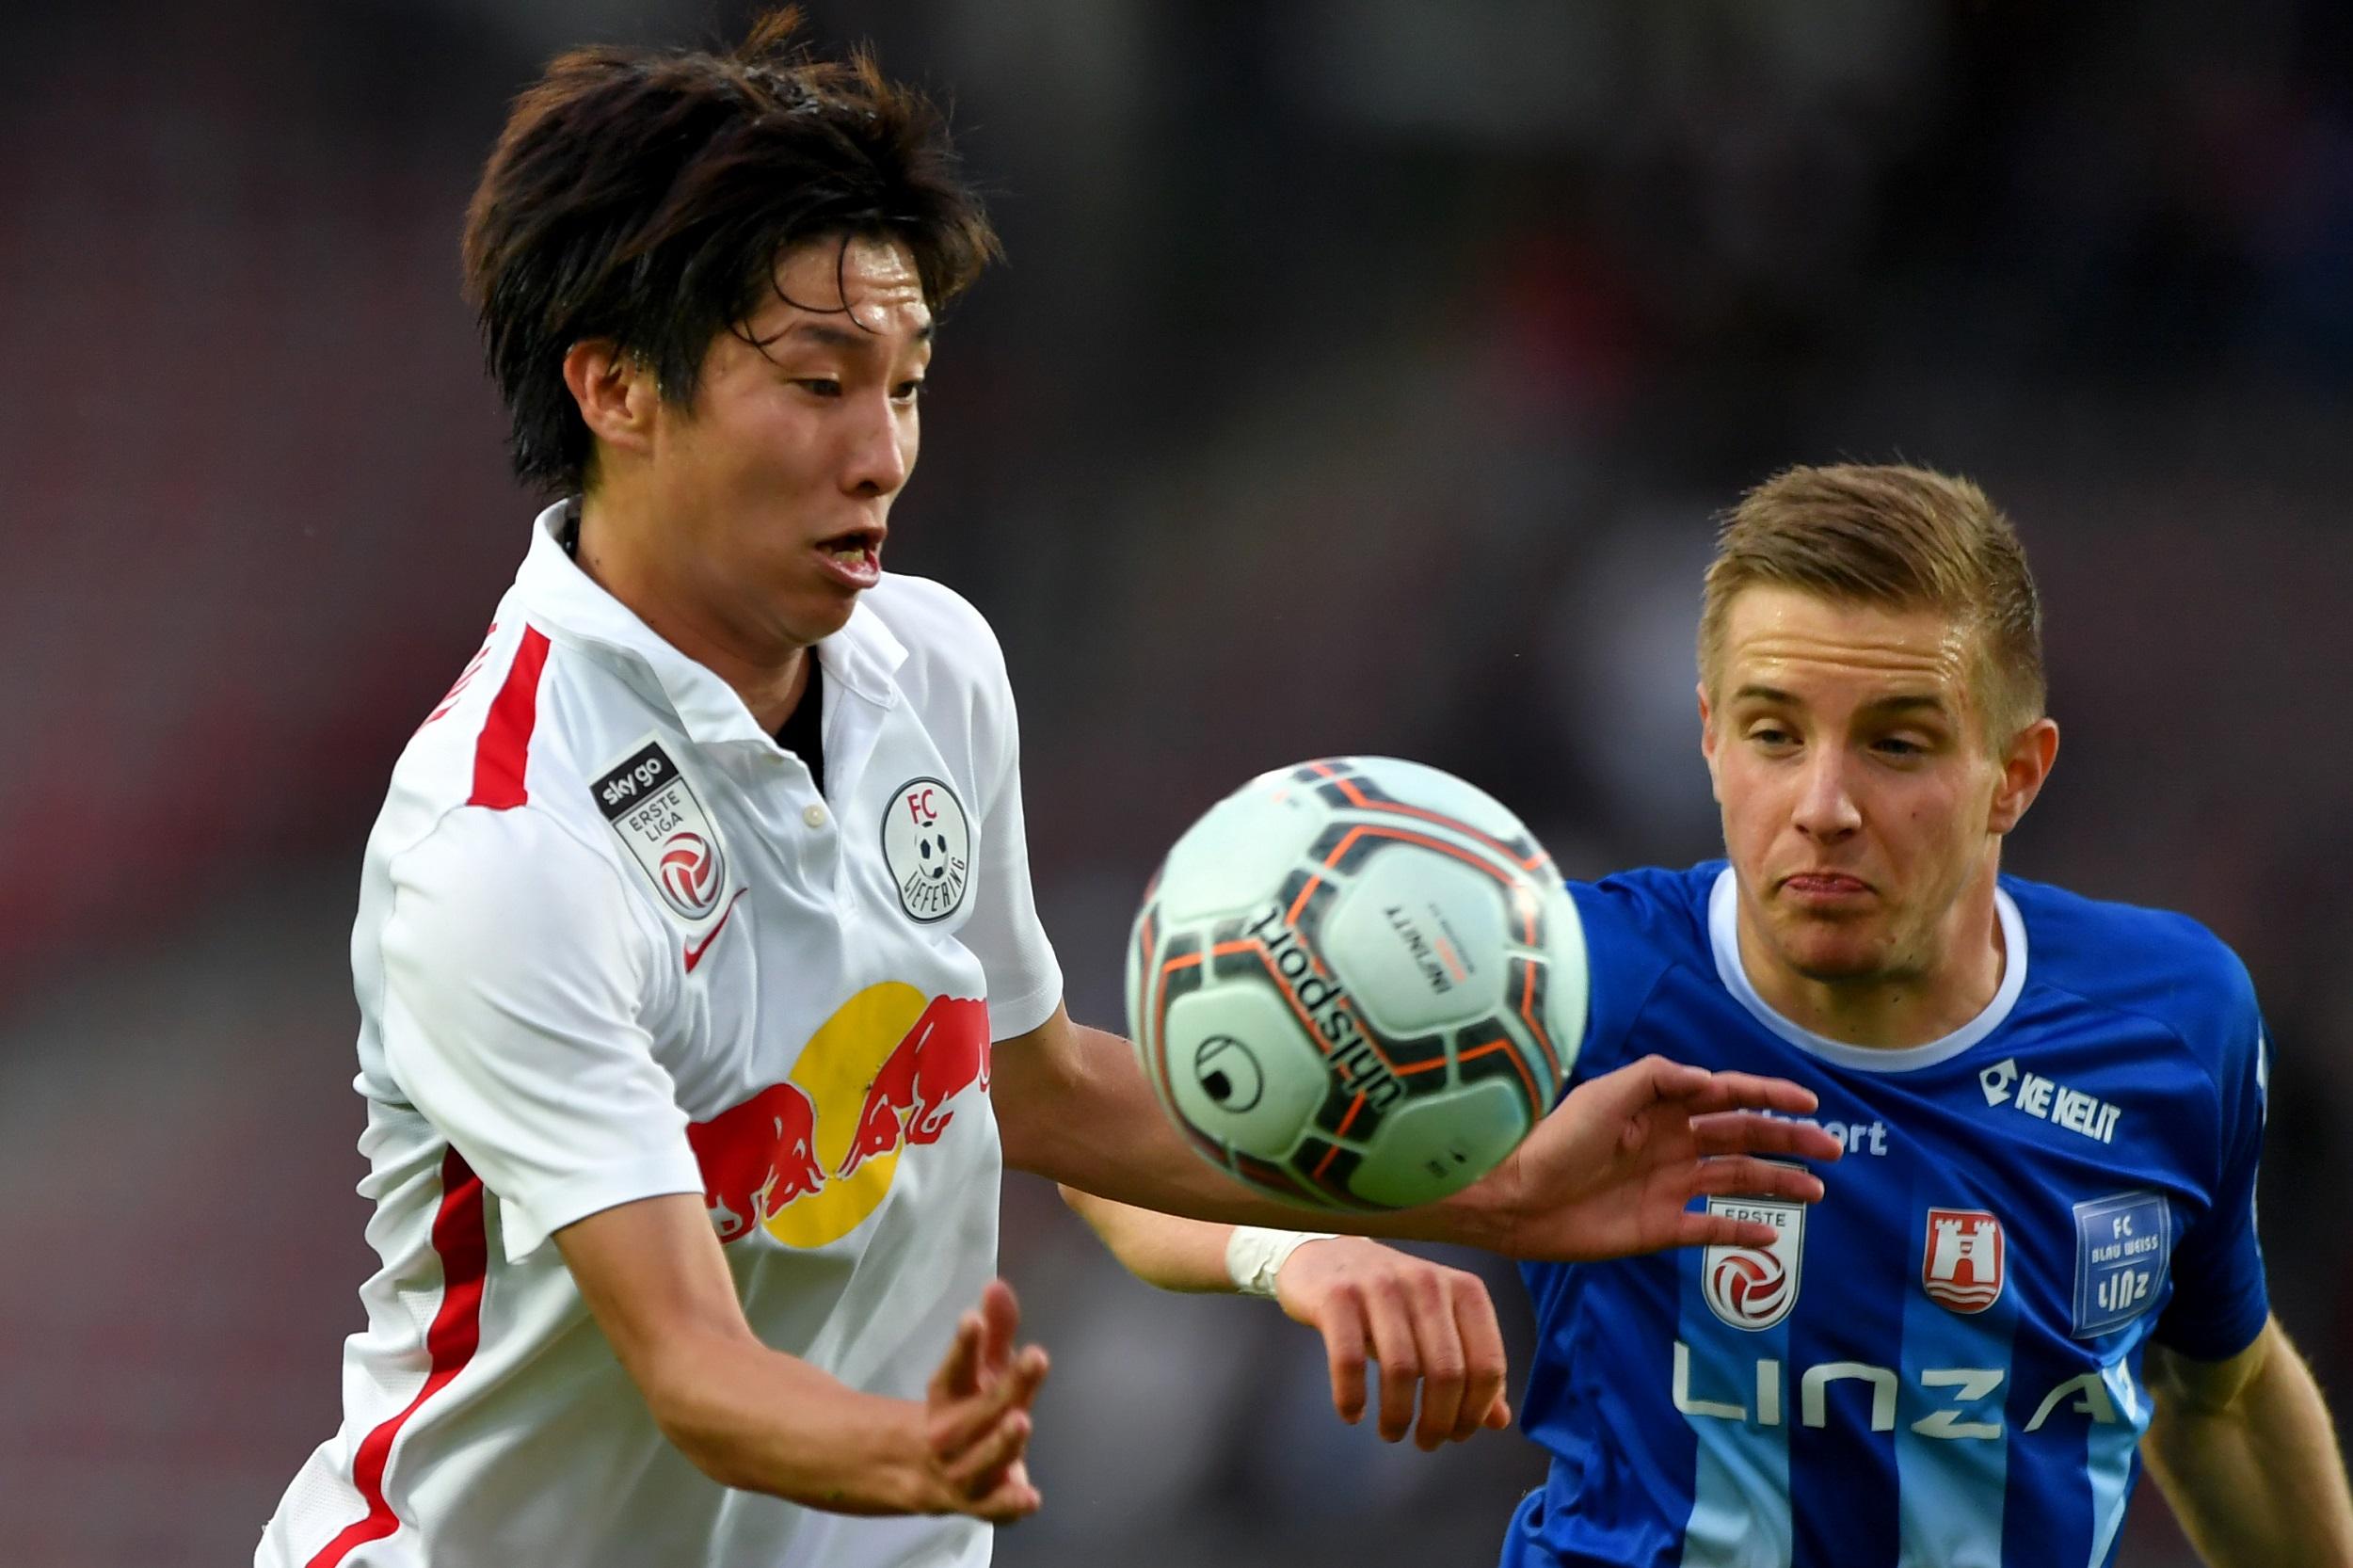 Bielefeld se prepara para comprar Okugawa por poco menos de 2 millones de euros